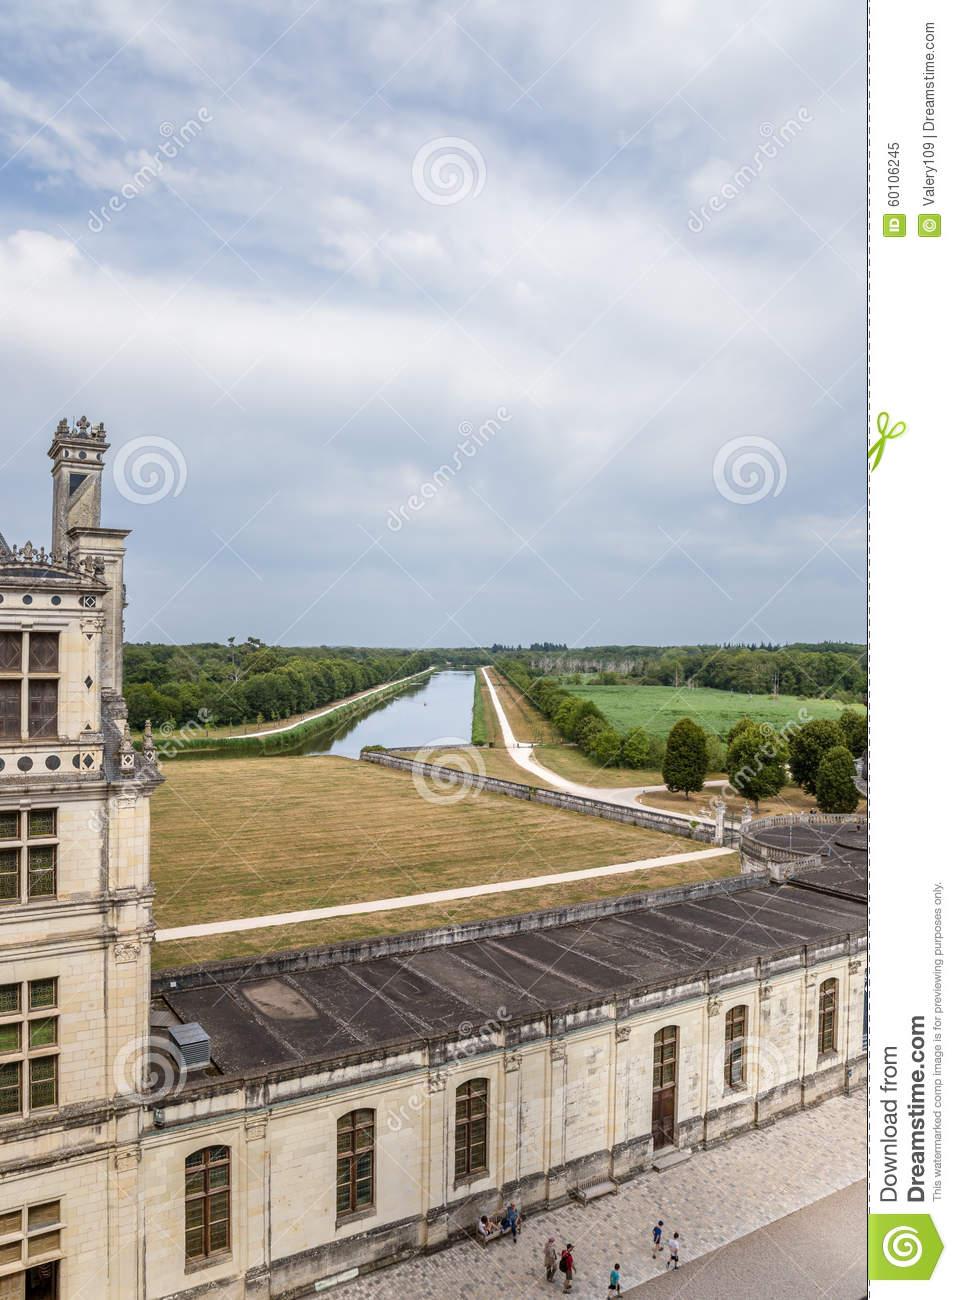 Parking chateau de chambord